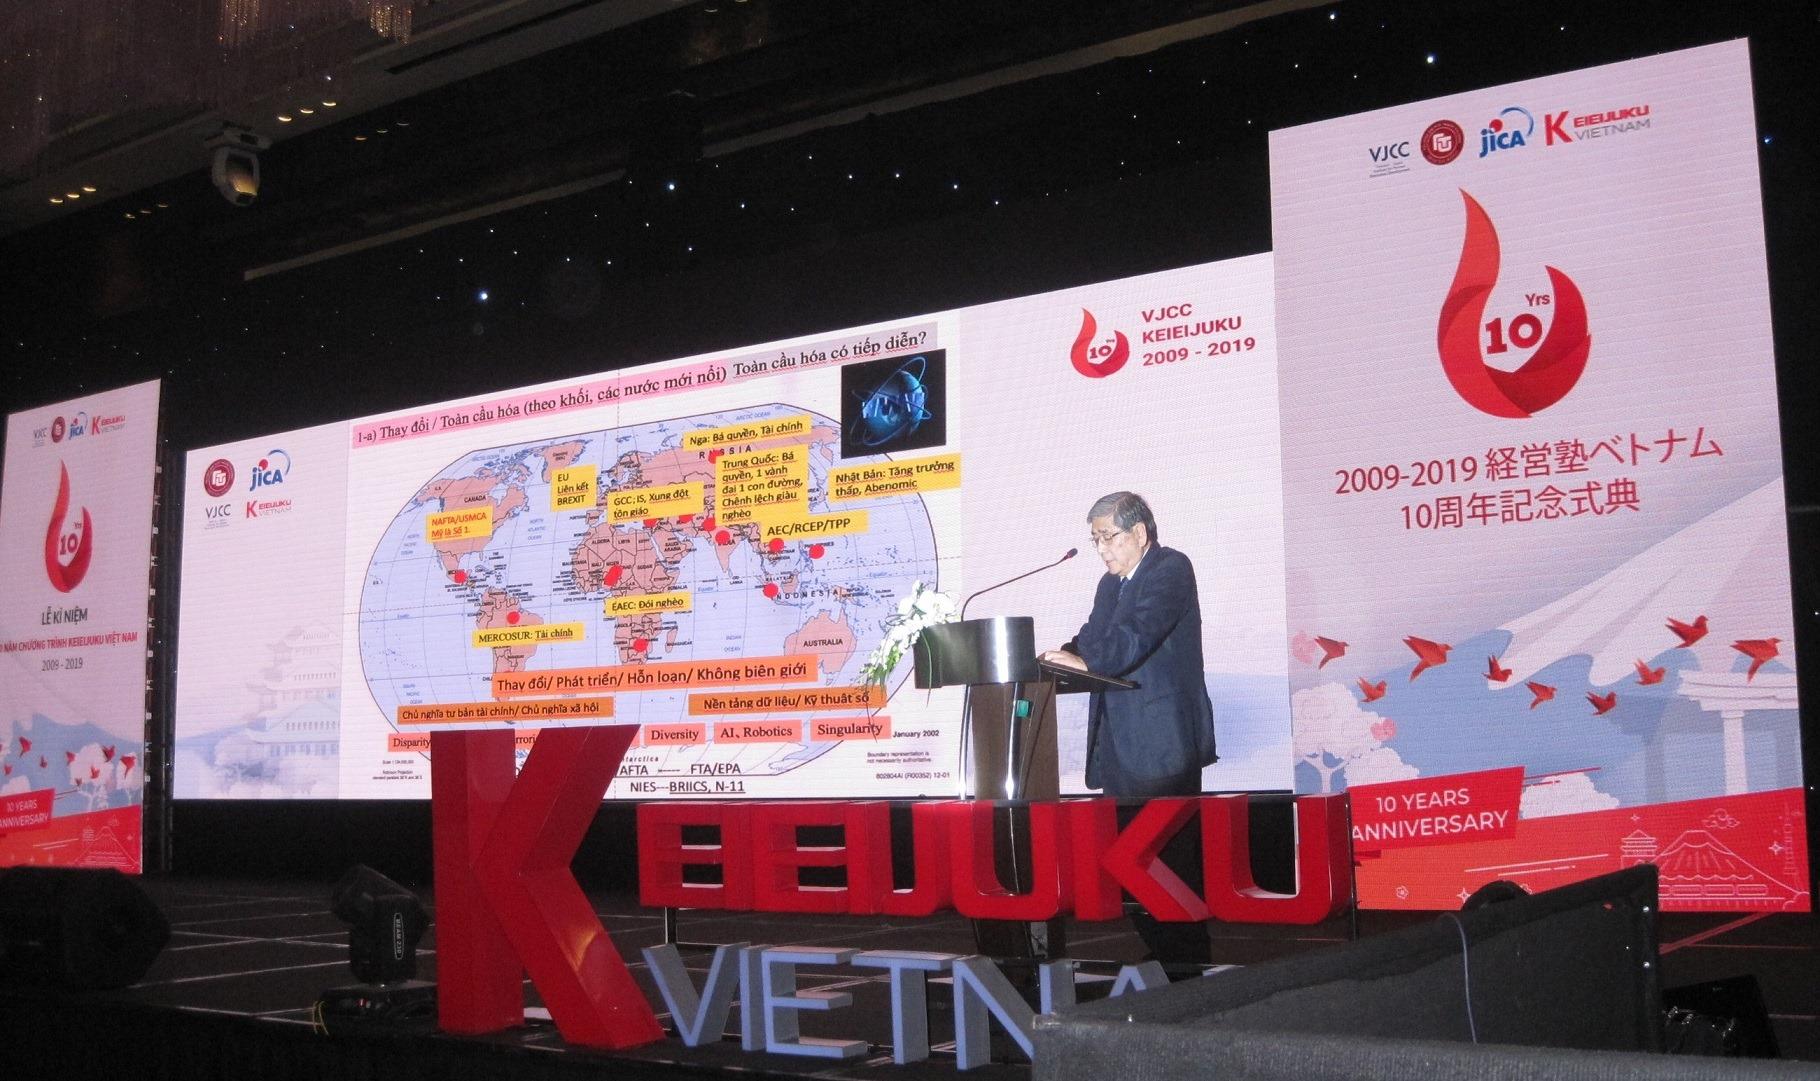 KeieiJuku - Học kinh doanh theo cách của người Nhật (18/11/2019)